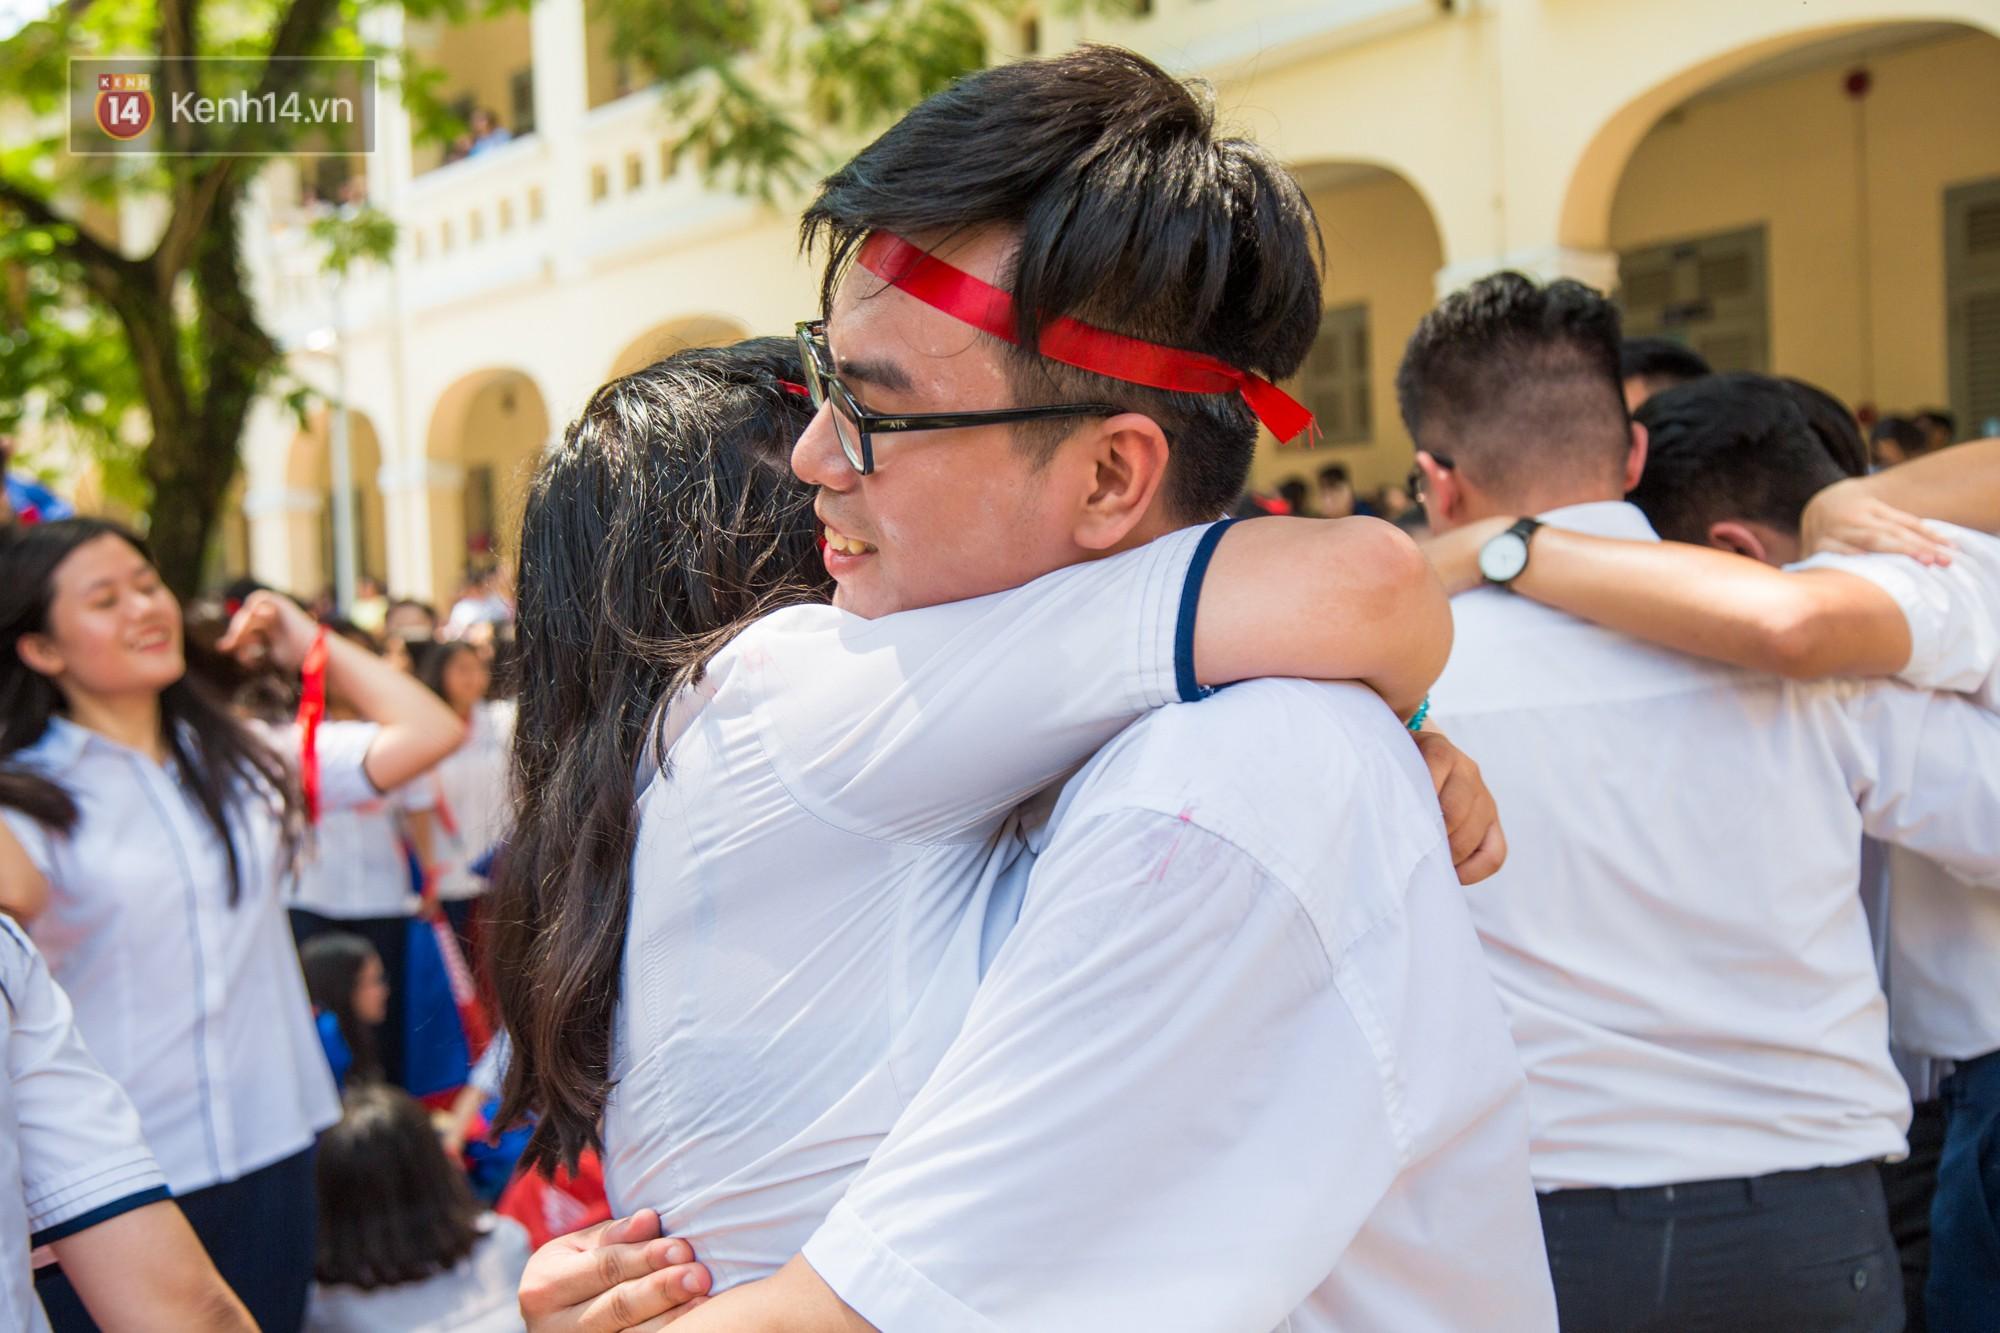 Ngày ra trường của teen Lê Hồng Phong: Nụ cười và nước mắt, bạn tôi ơi xin bên nhau thêm chút nữa!-14